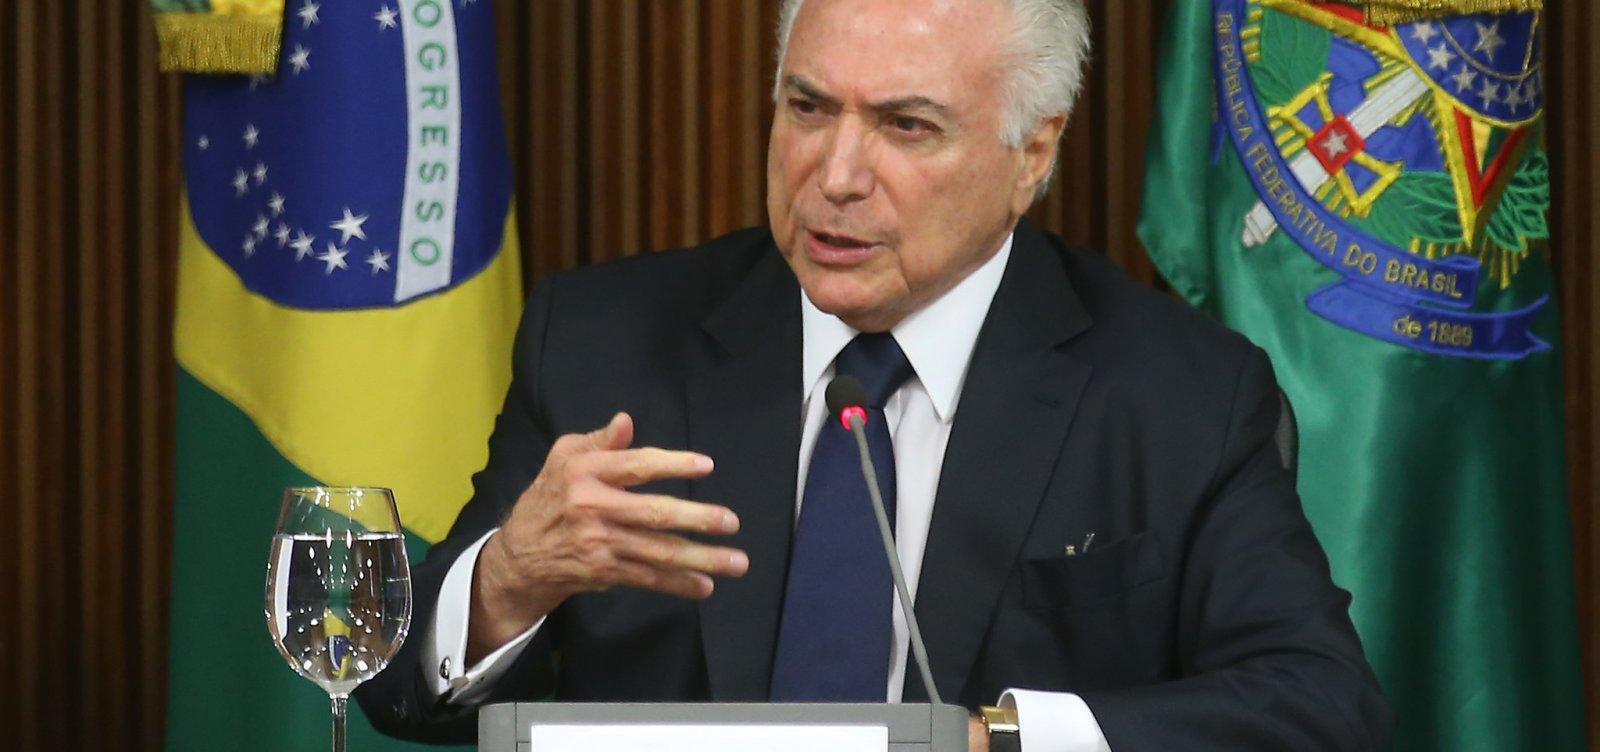 [Marqueteiro de Temer faz campanha para Bolsonaro em redes sociais, diz coluna]